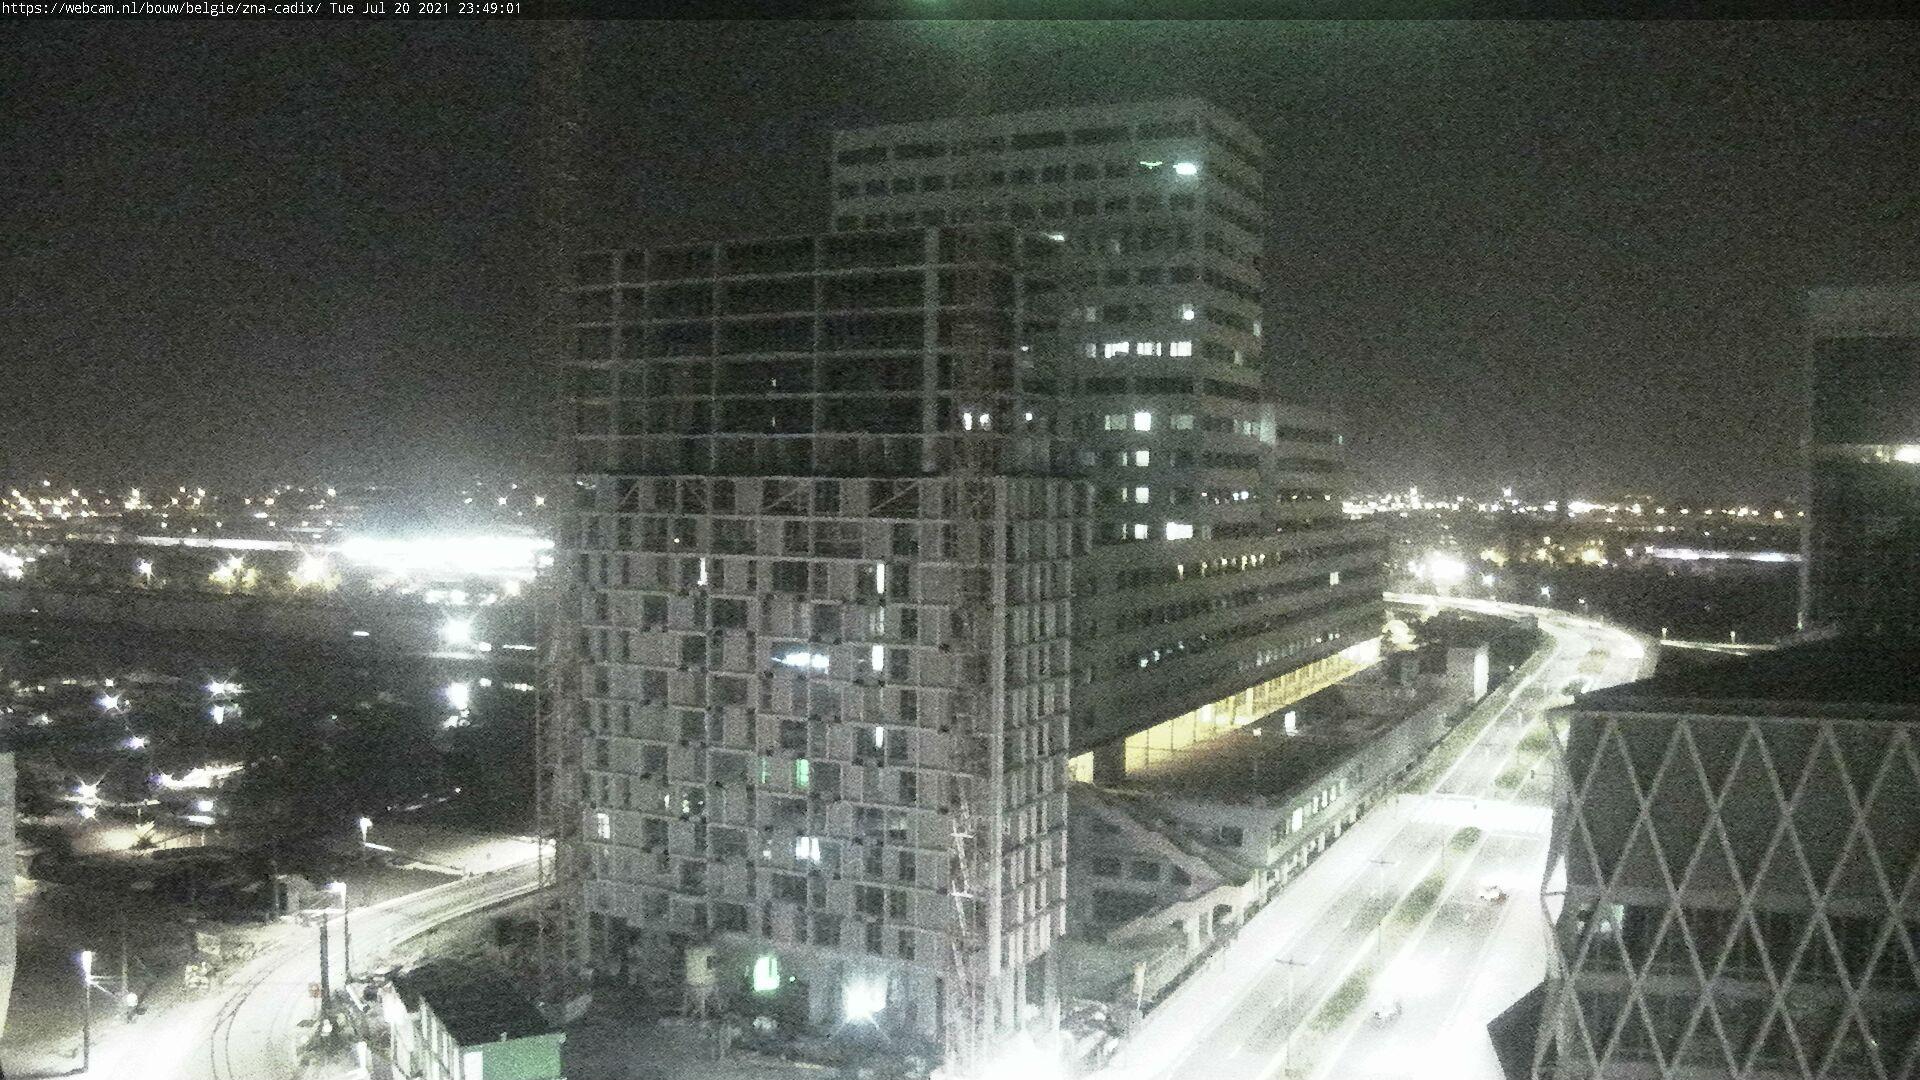 WebCam.NL | bouw ZNA Cadix, Antwerpen.